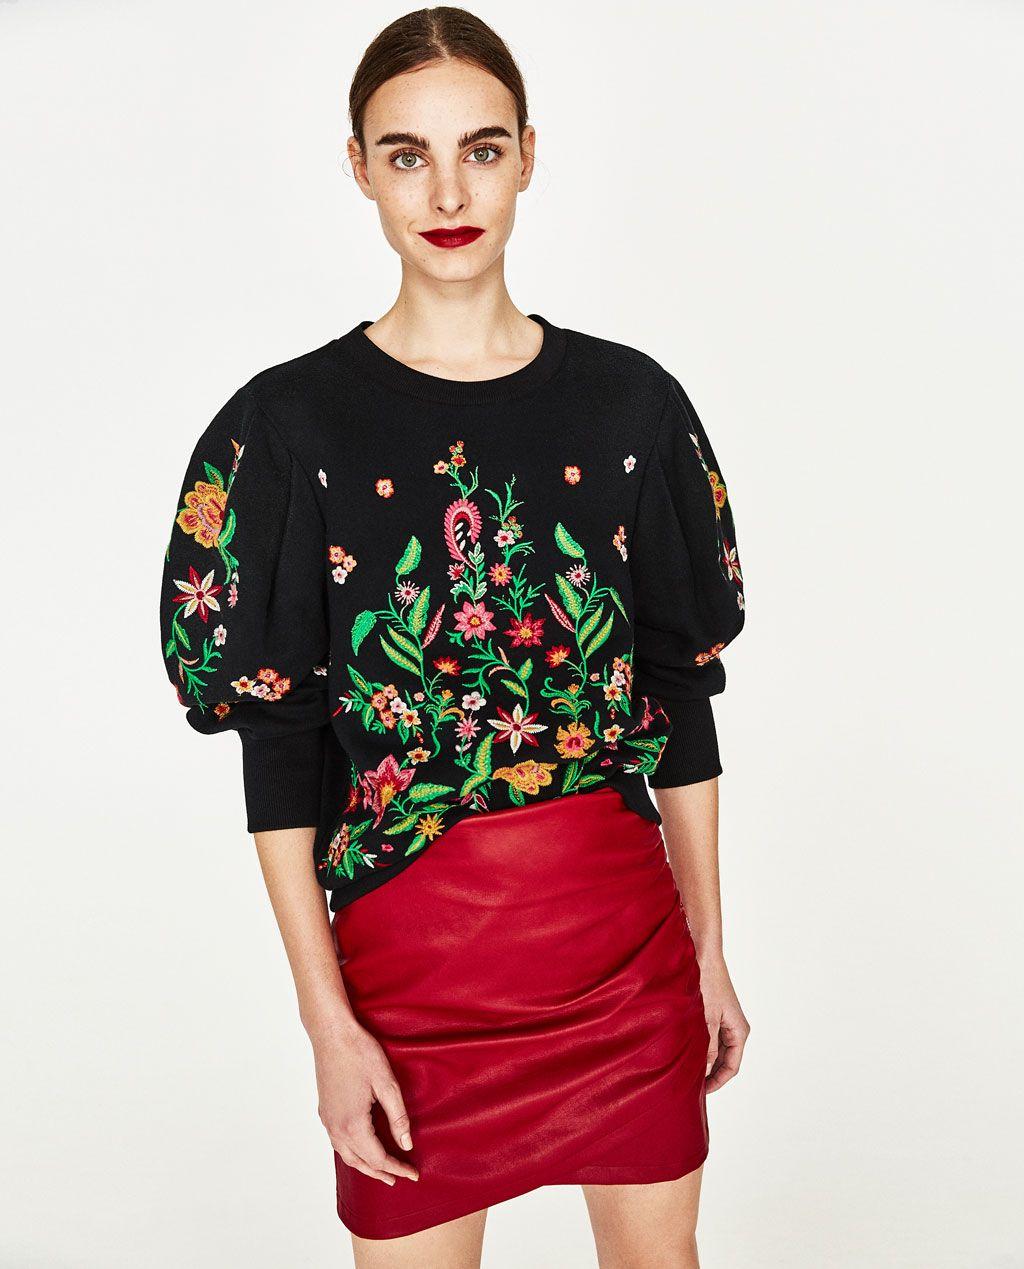 8c064d536c8d0f Femme À En La Rouge – Cuir Les Mode Zara Veste Sont Vestes ywm8nPv0NO